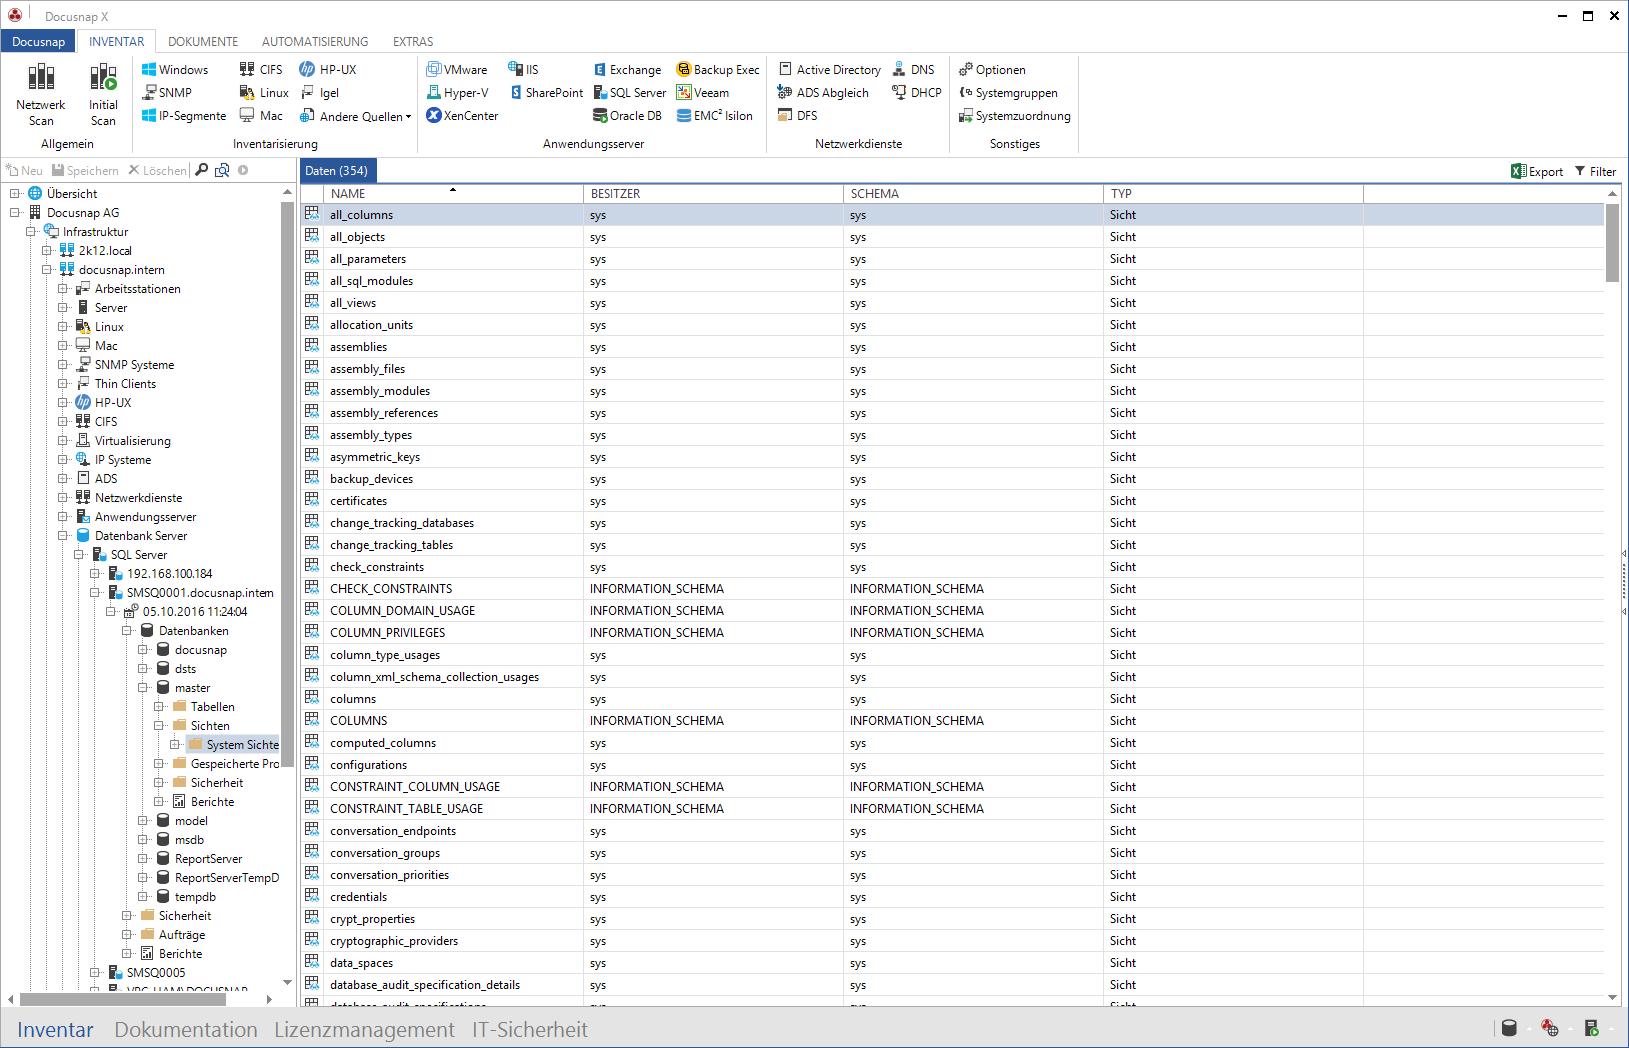 Darstellung der inventarisierten Microsoft SQL Server Informationen im Datenexplorer